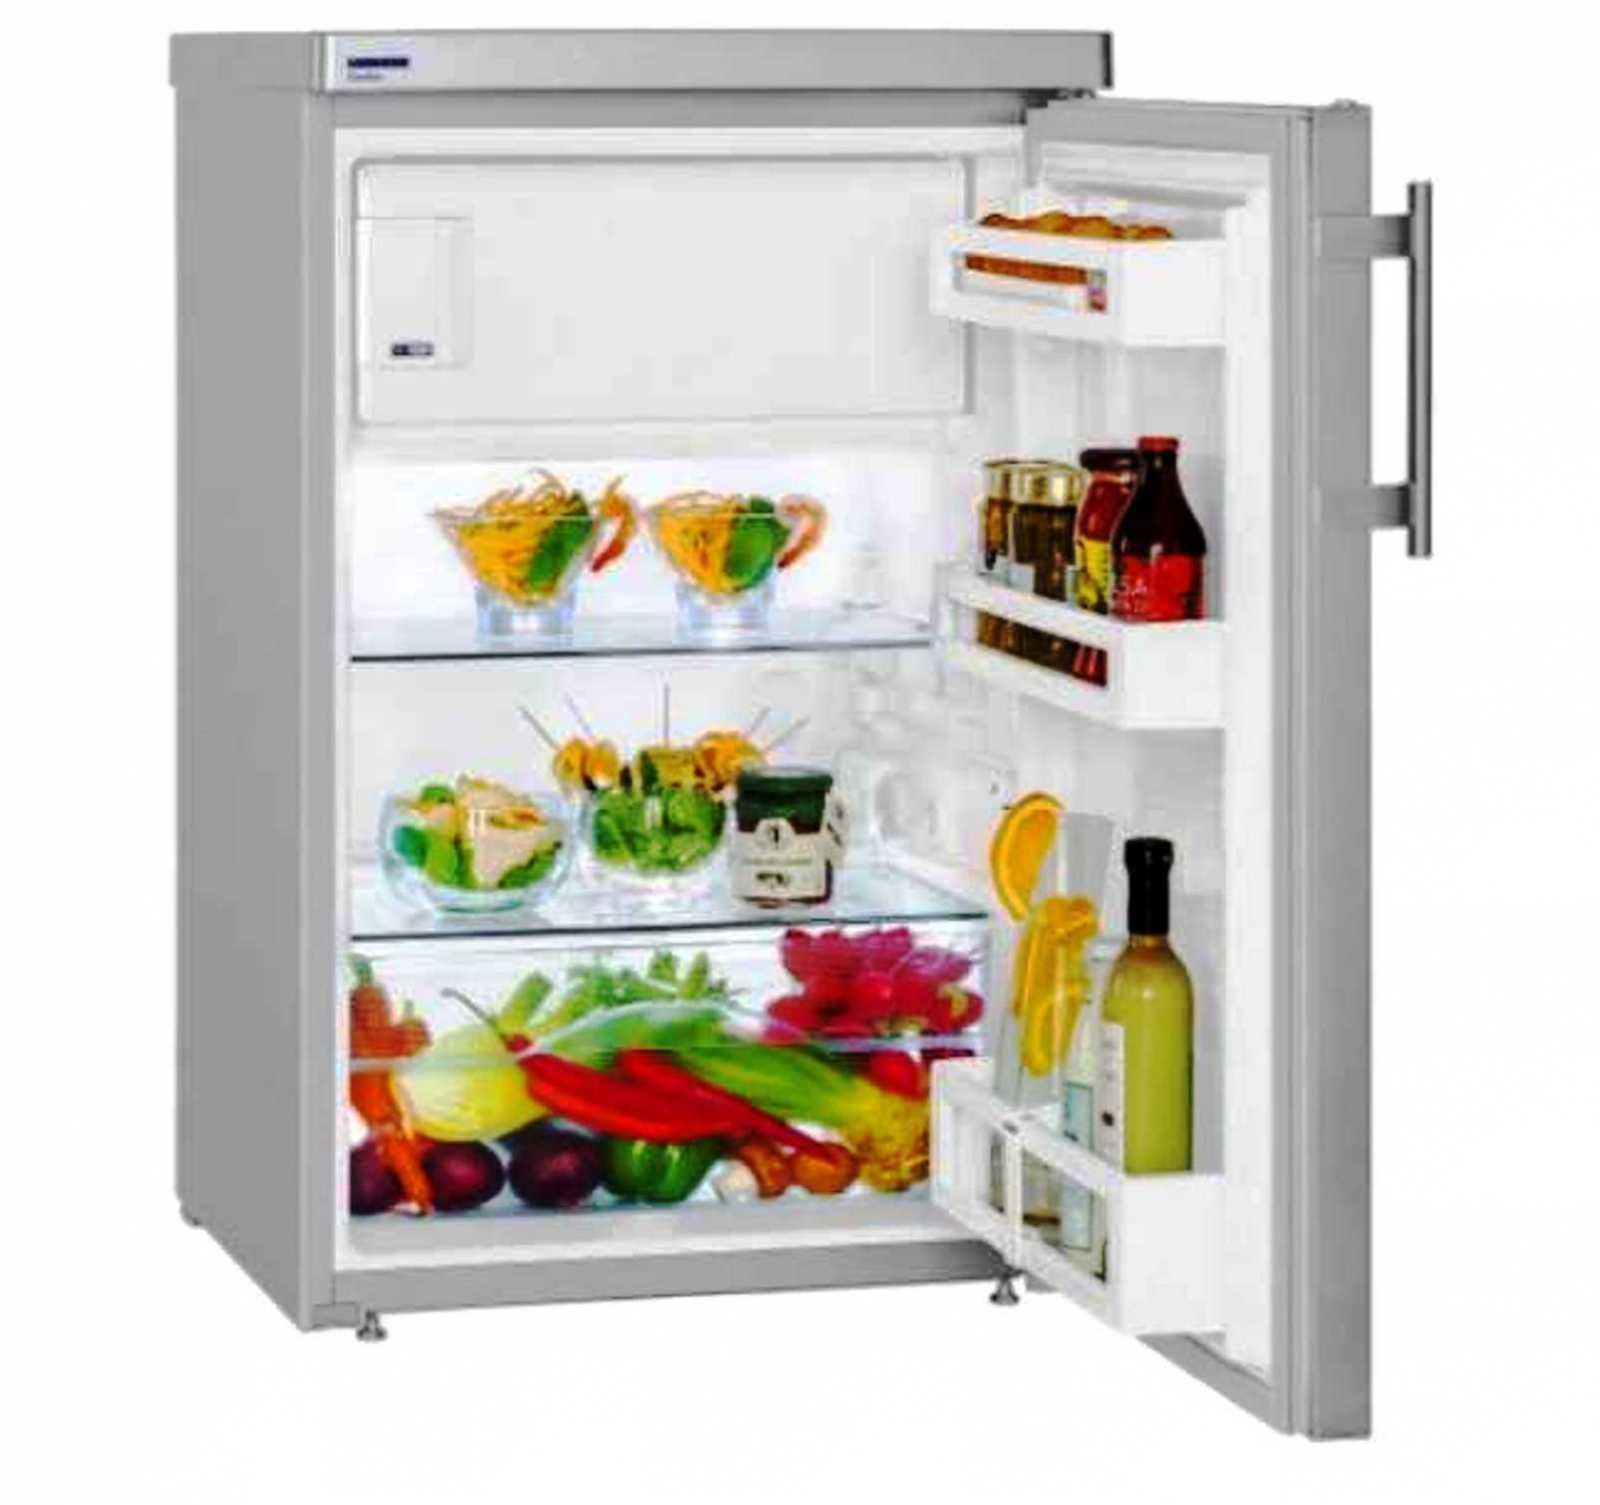 купить Малогабаритный холодильник Liebherr Tsl 1414 Украина фото 0